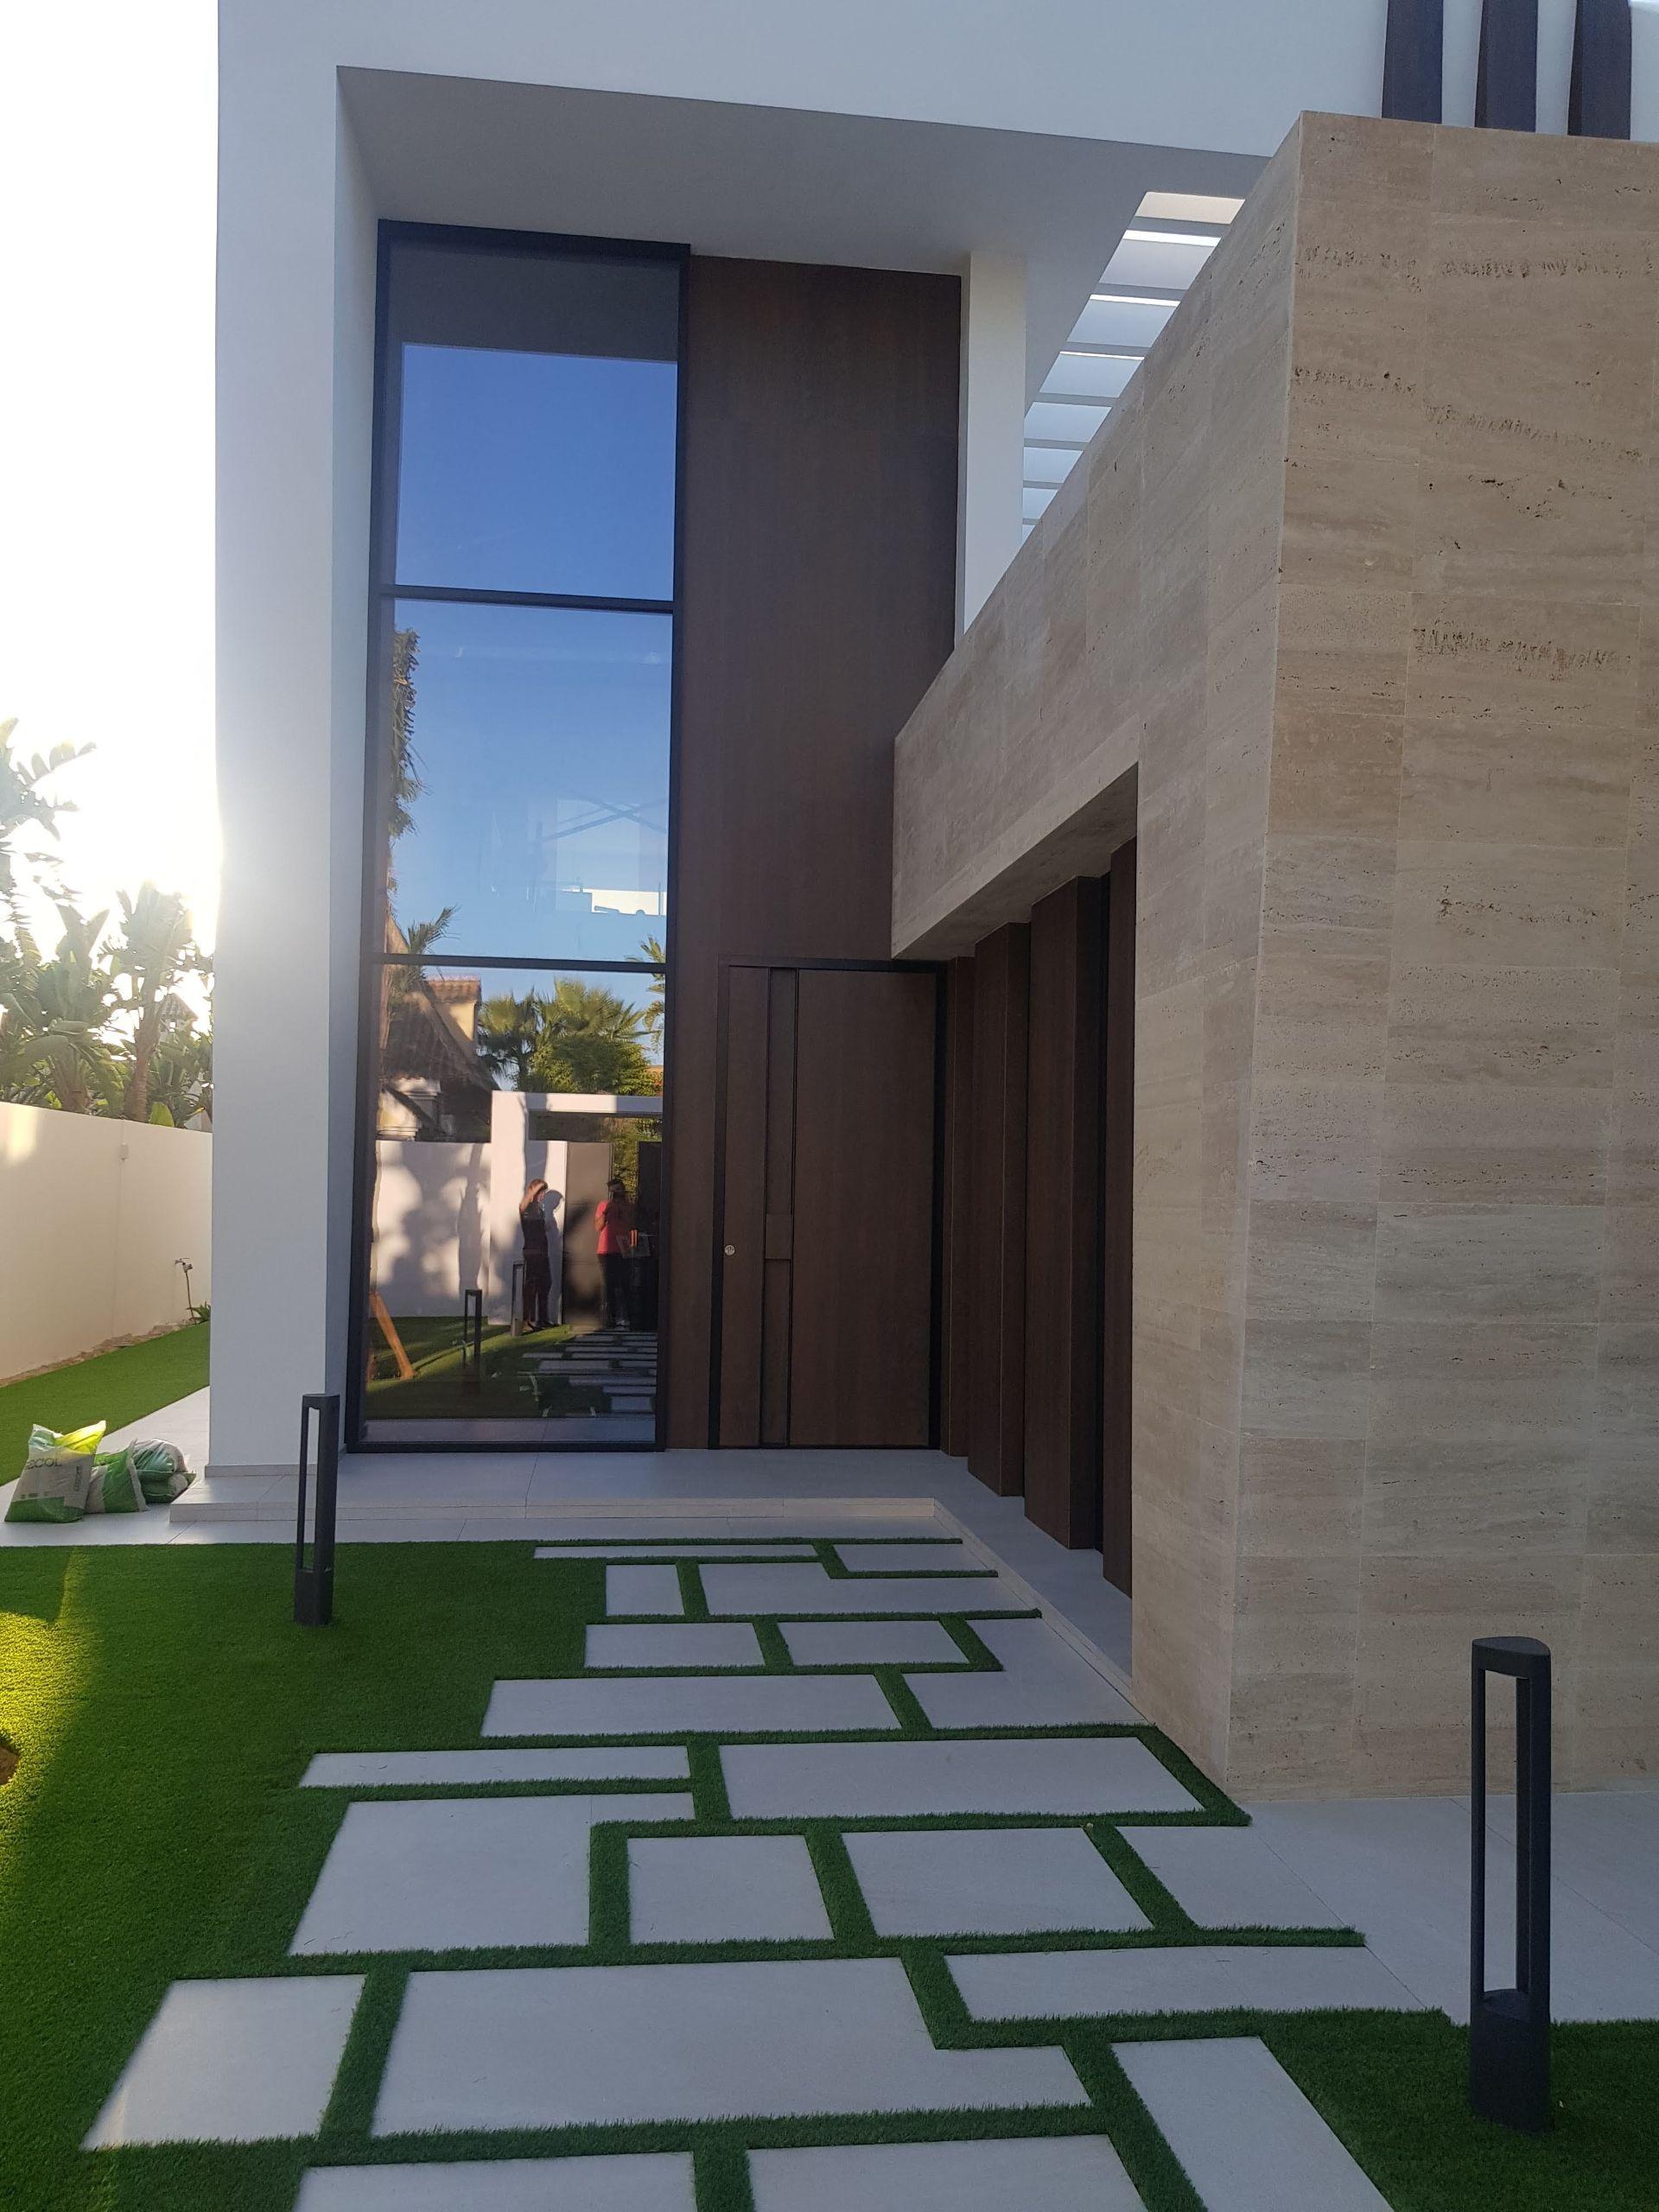 proyectos-interiorismo-interioristas-diseno-interiores-viviendas-particulares-casas-chalets-adosados-lujo-08